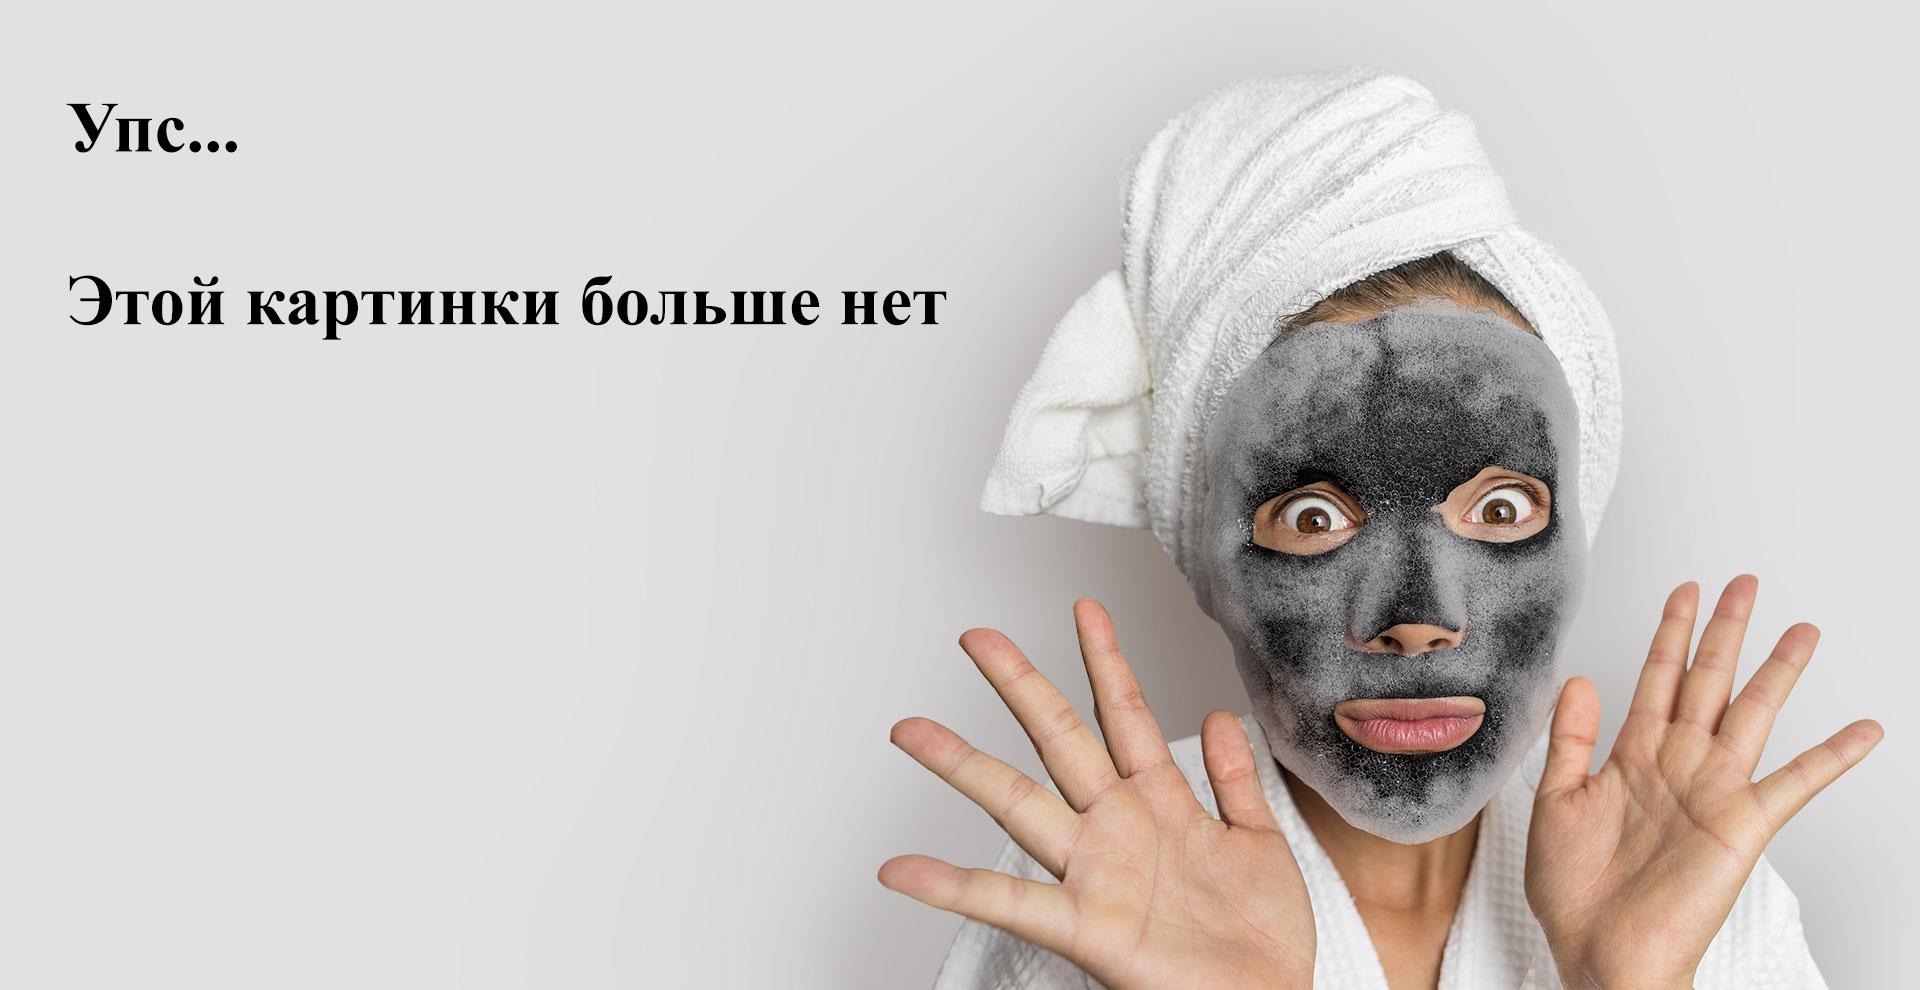 7 Days, Бальзам Mimimishki, «Фееричный», 300 мл